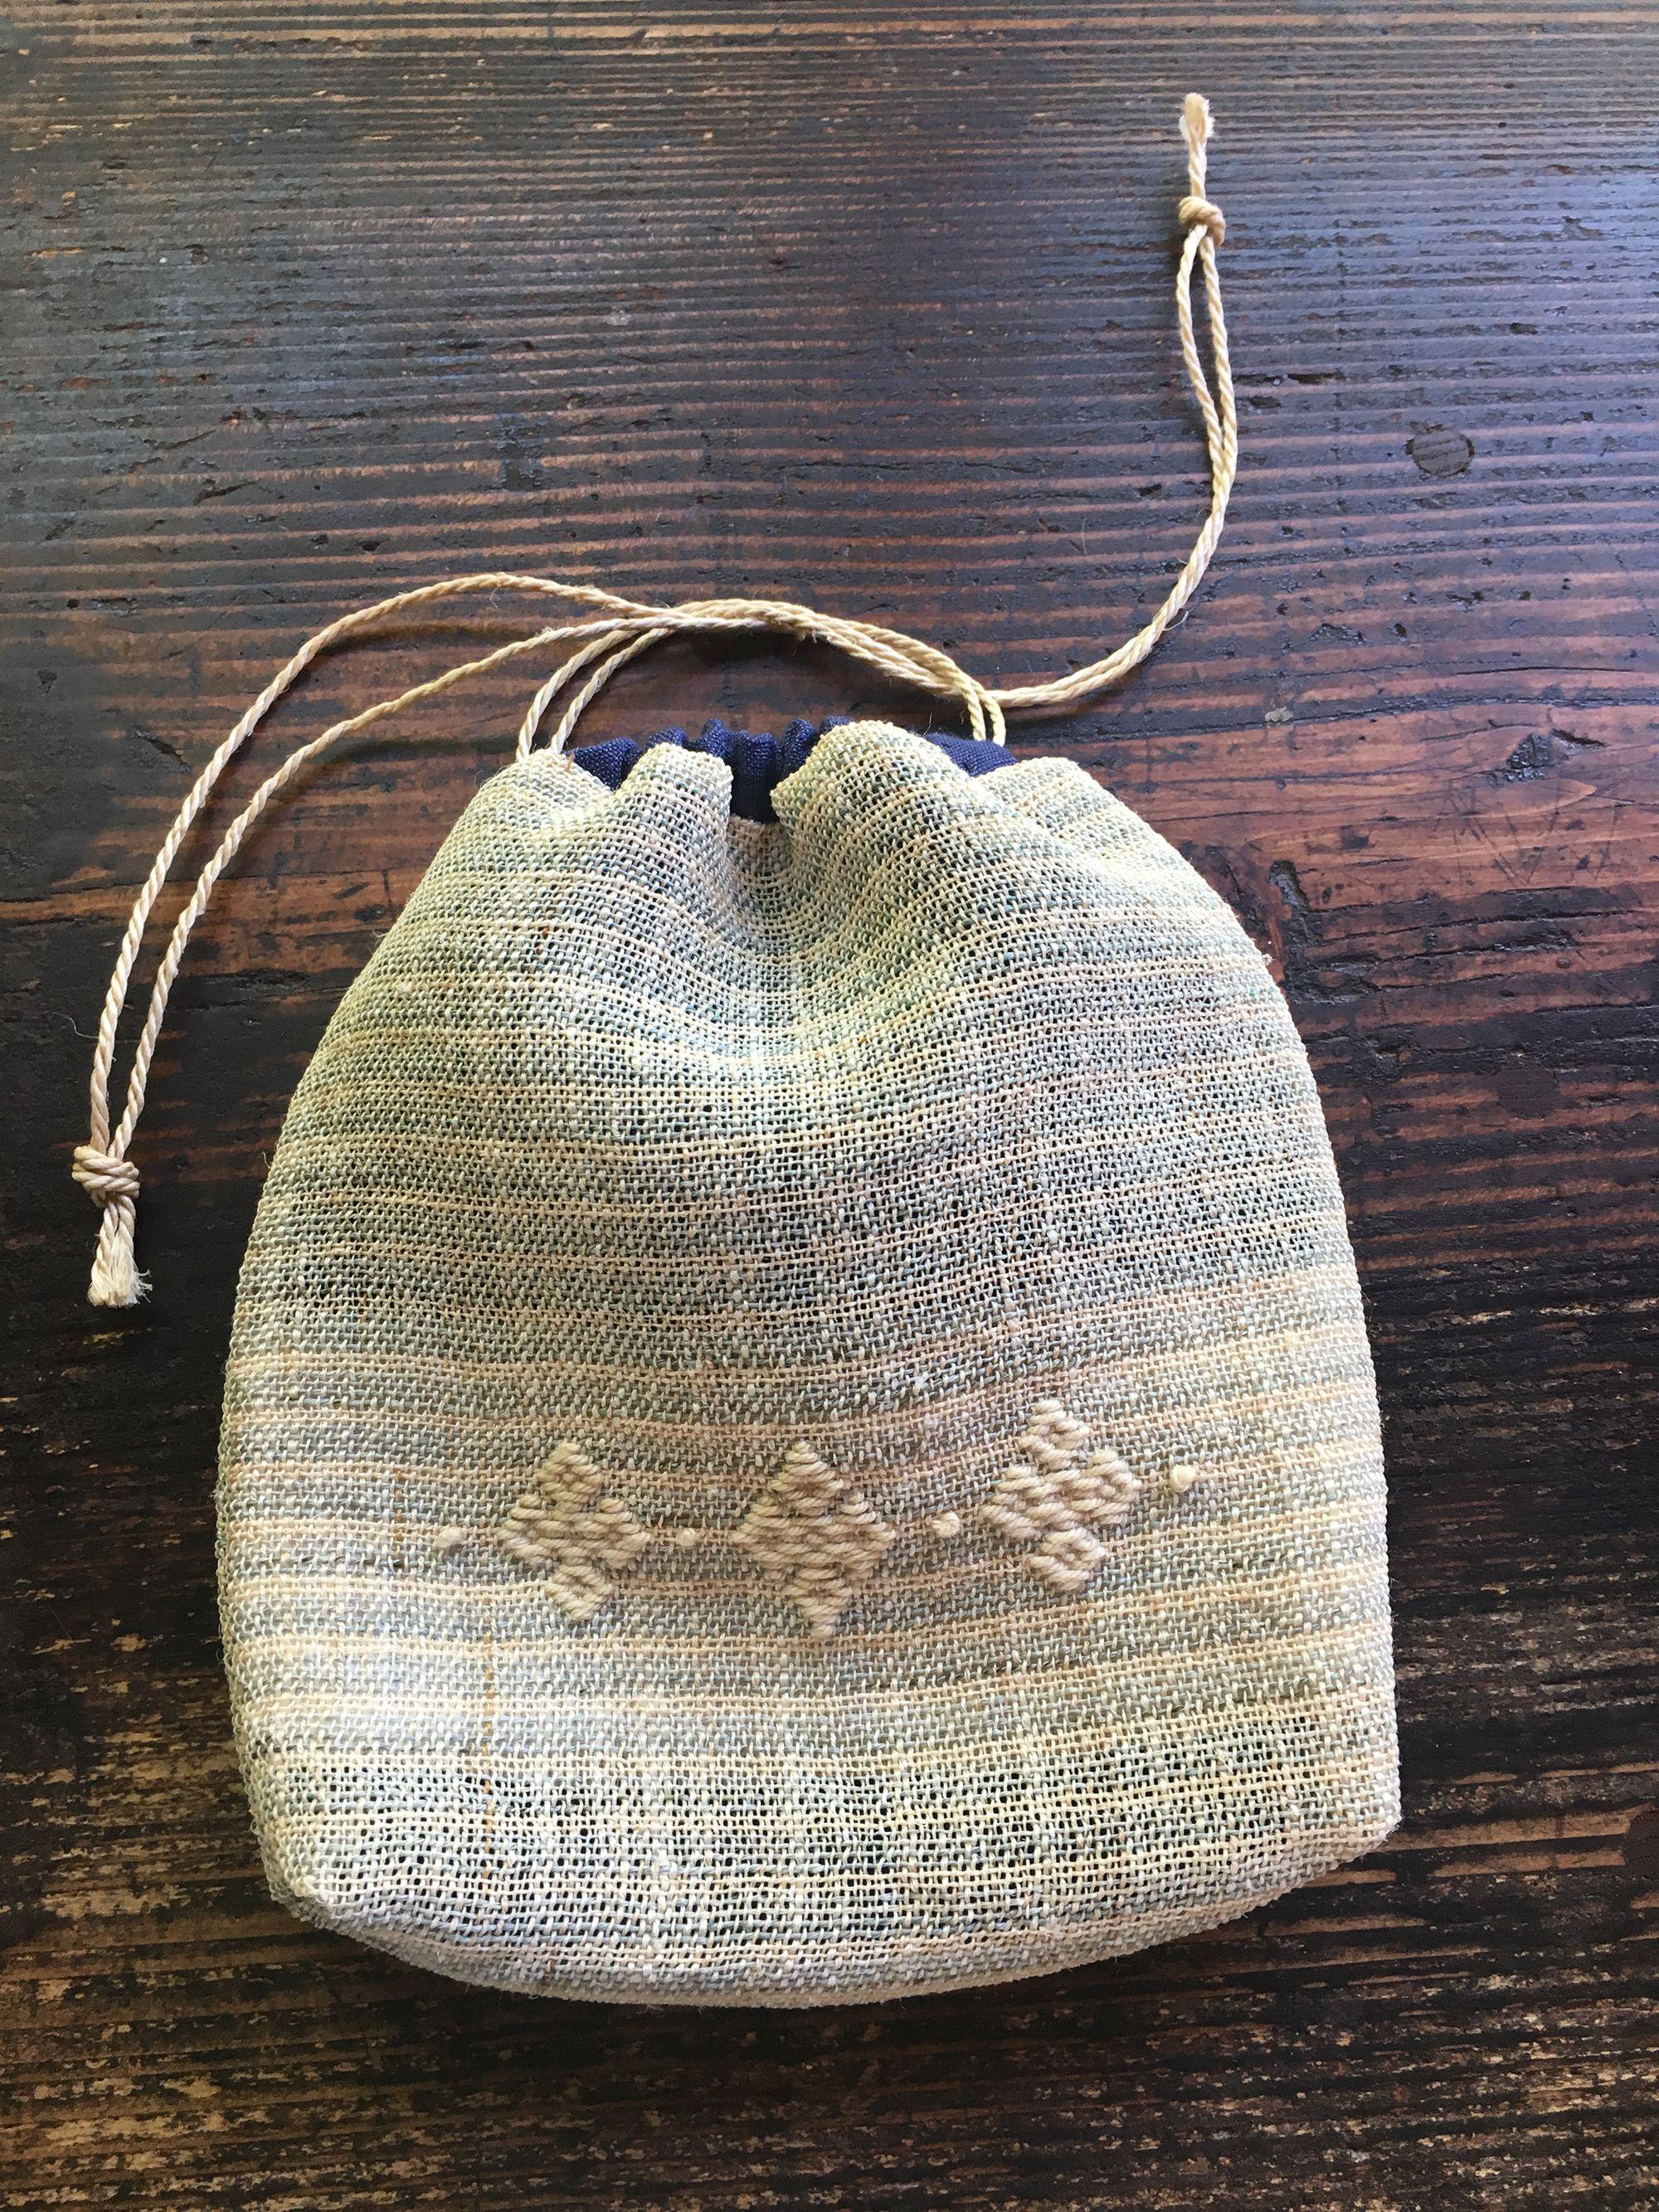 こぎんを刺したからむしの布を会津木綿と合わせた、かわいらしい巾着。Photography by Masako Suda